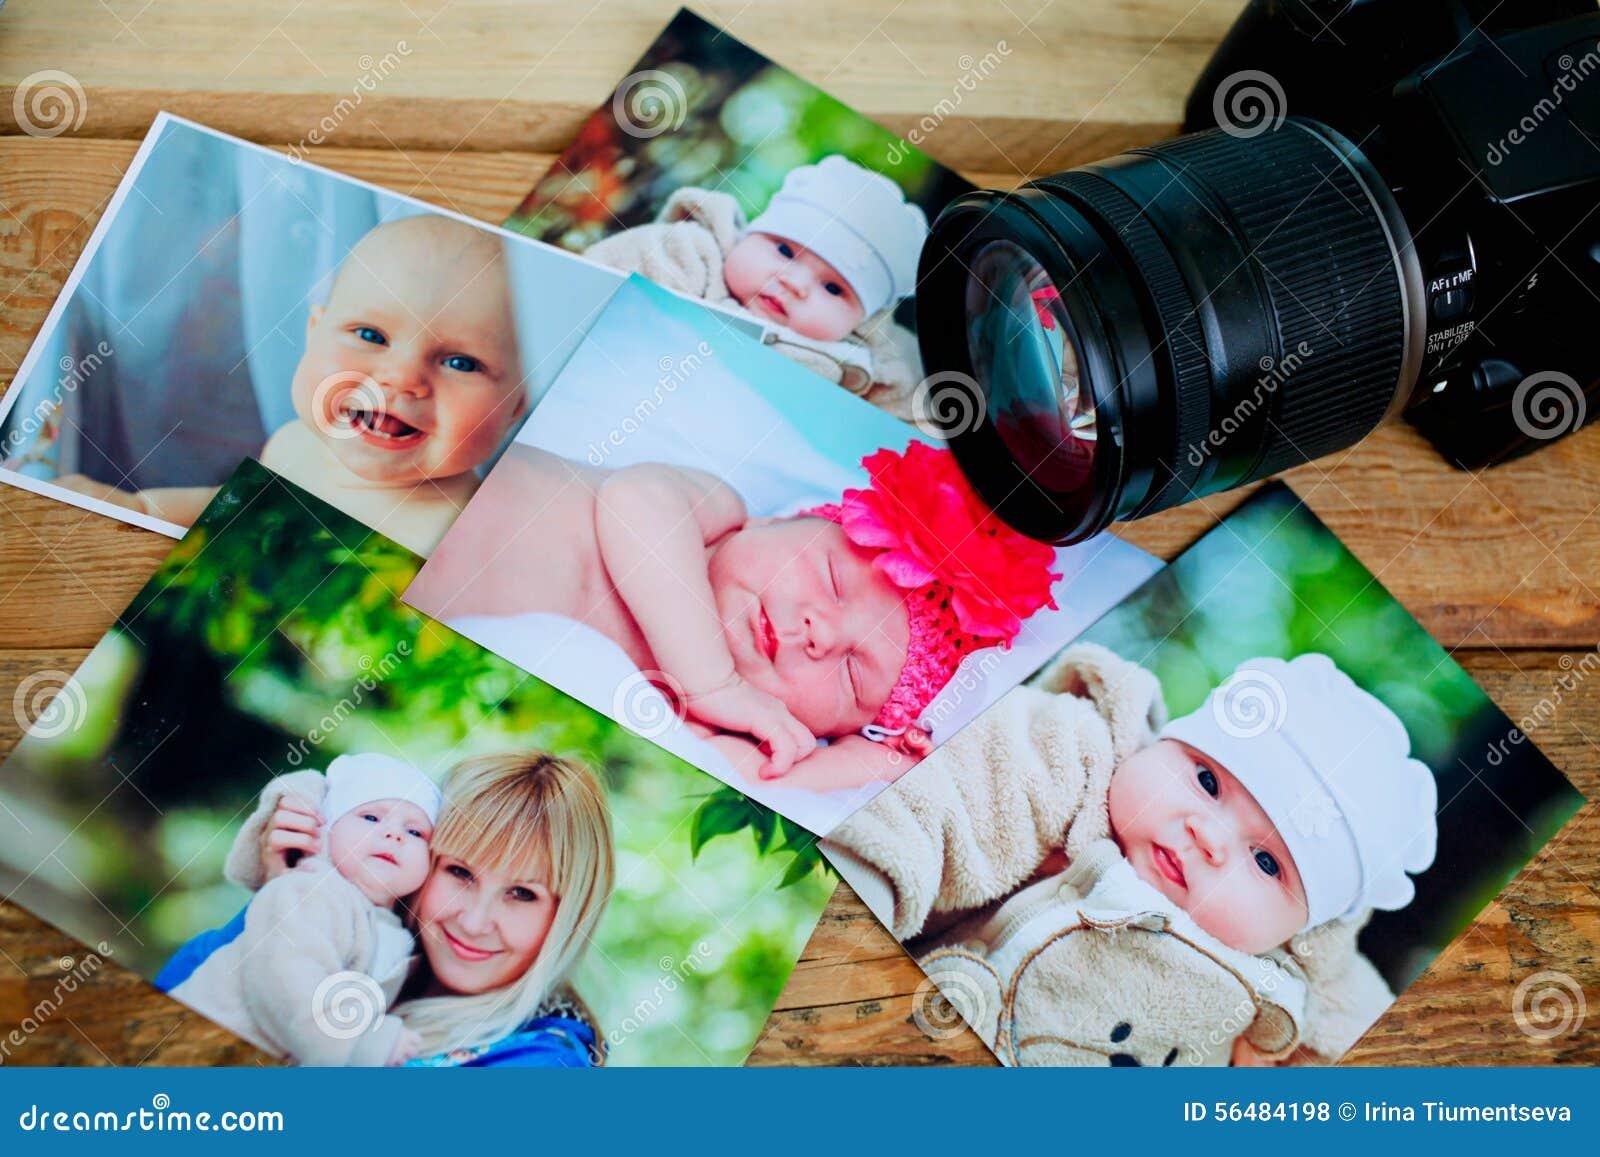 Les enfants est les photos et l appareil-photo sur un fond en bois